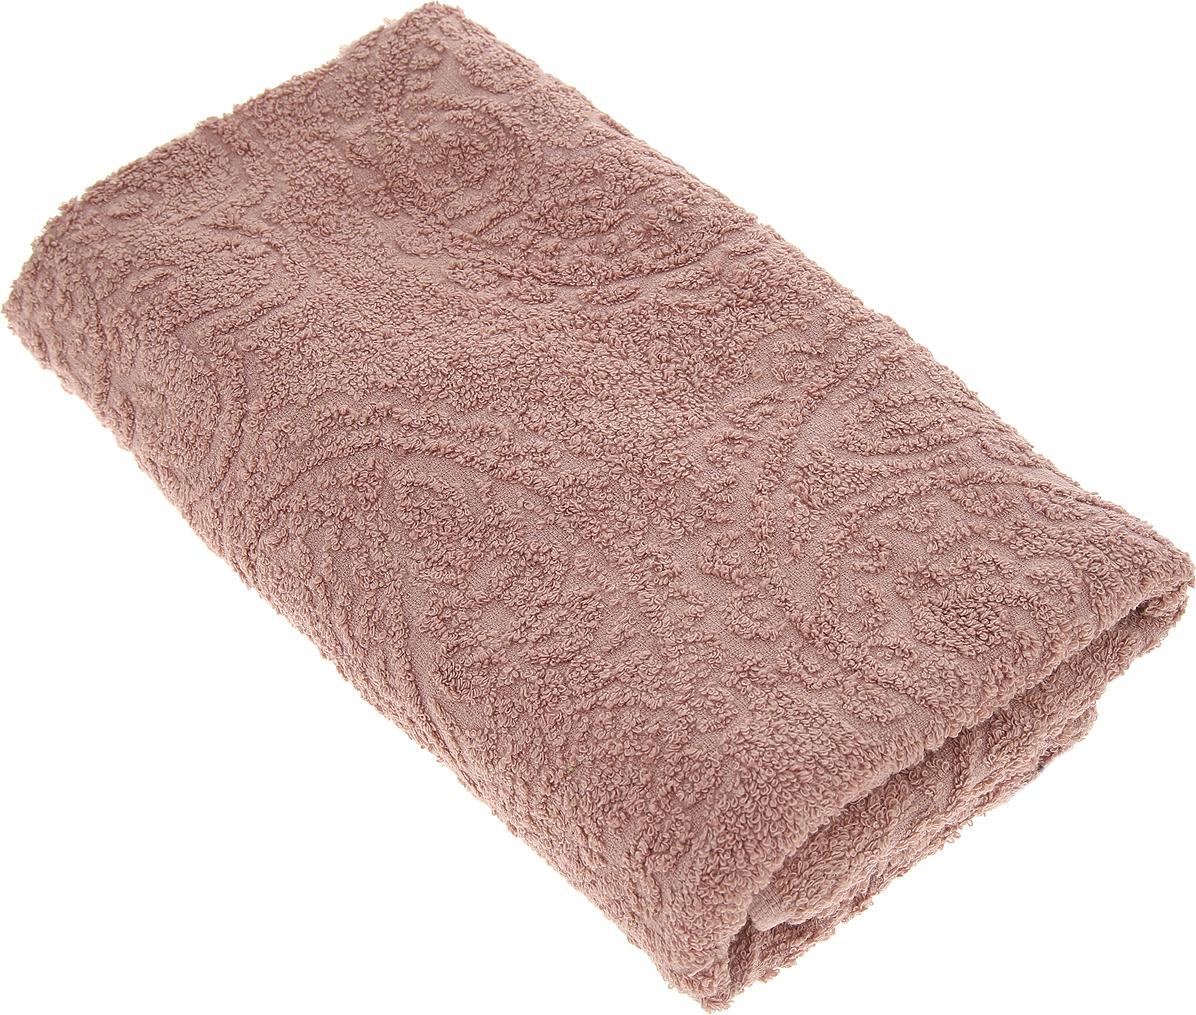 Полотенце махровое Василиса Ибица, 189009, красный, 70 х 130 см полотенца нордтекс полотенце aquarelle палитра аметистовый 70 130 см